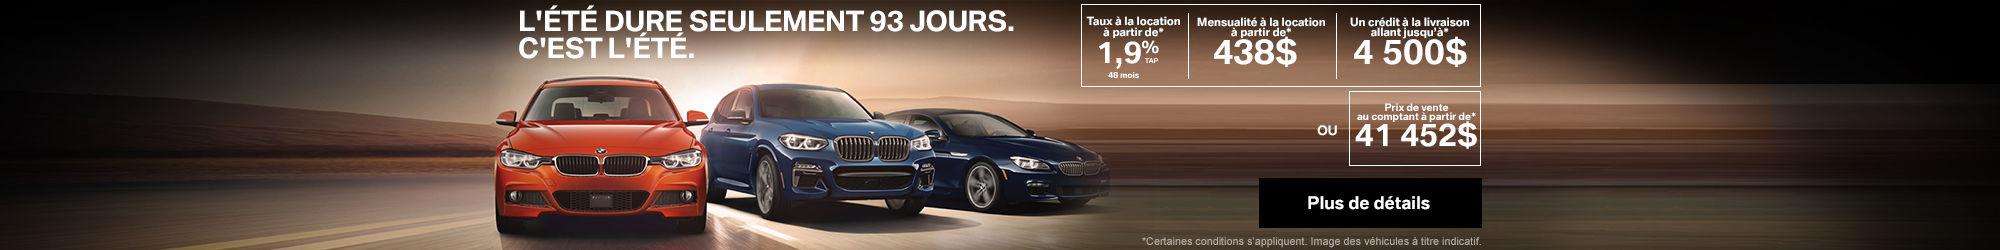 L'événement c'est l'été BMW - web